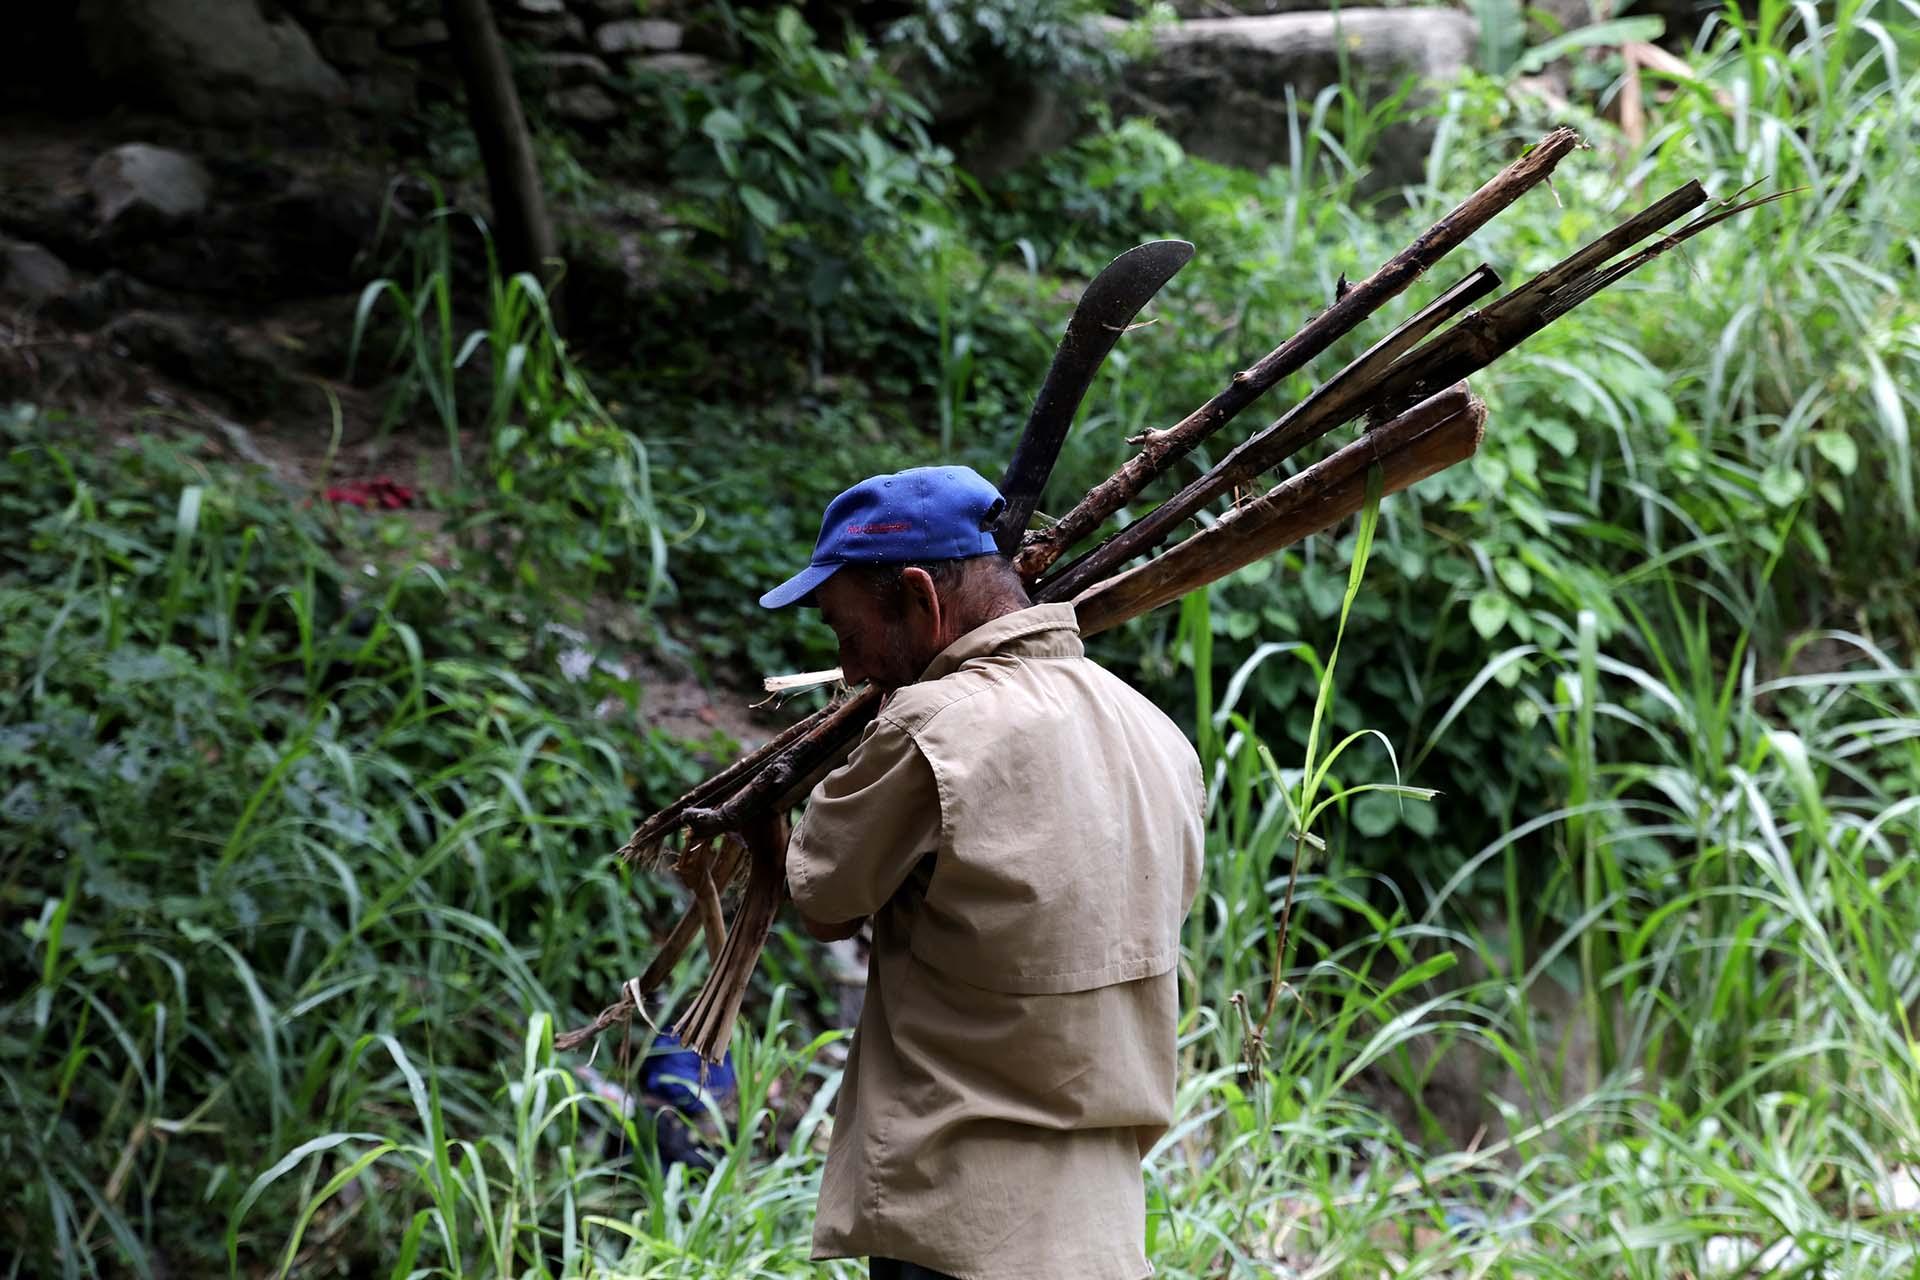 Jorge Asquiles transporta leña recolectada en el Parque Nacional Henri Pittier en Maracay, Venezuela, el 14 de agosto de 2019 (REUTERS/Manaure Quintero)